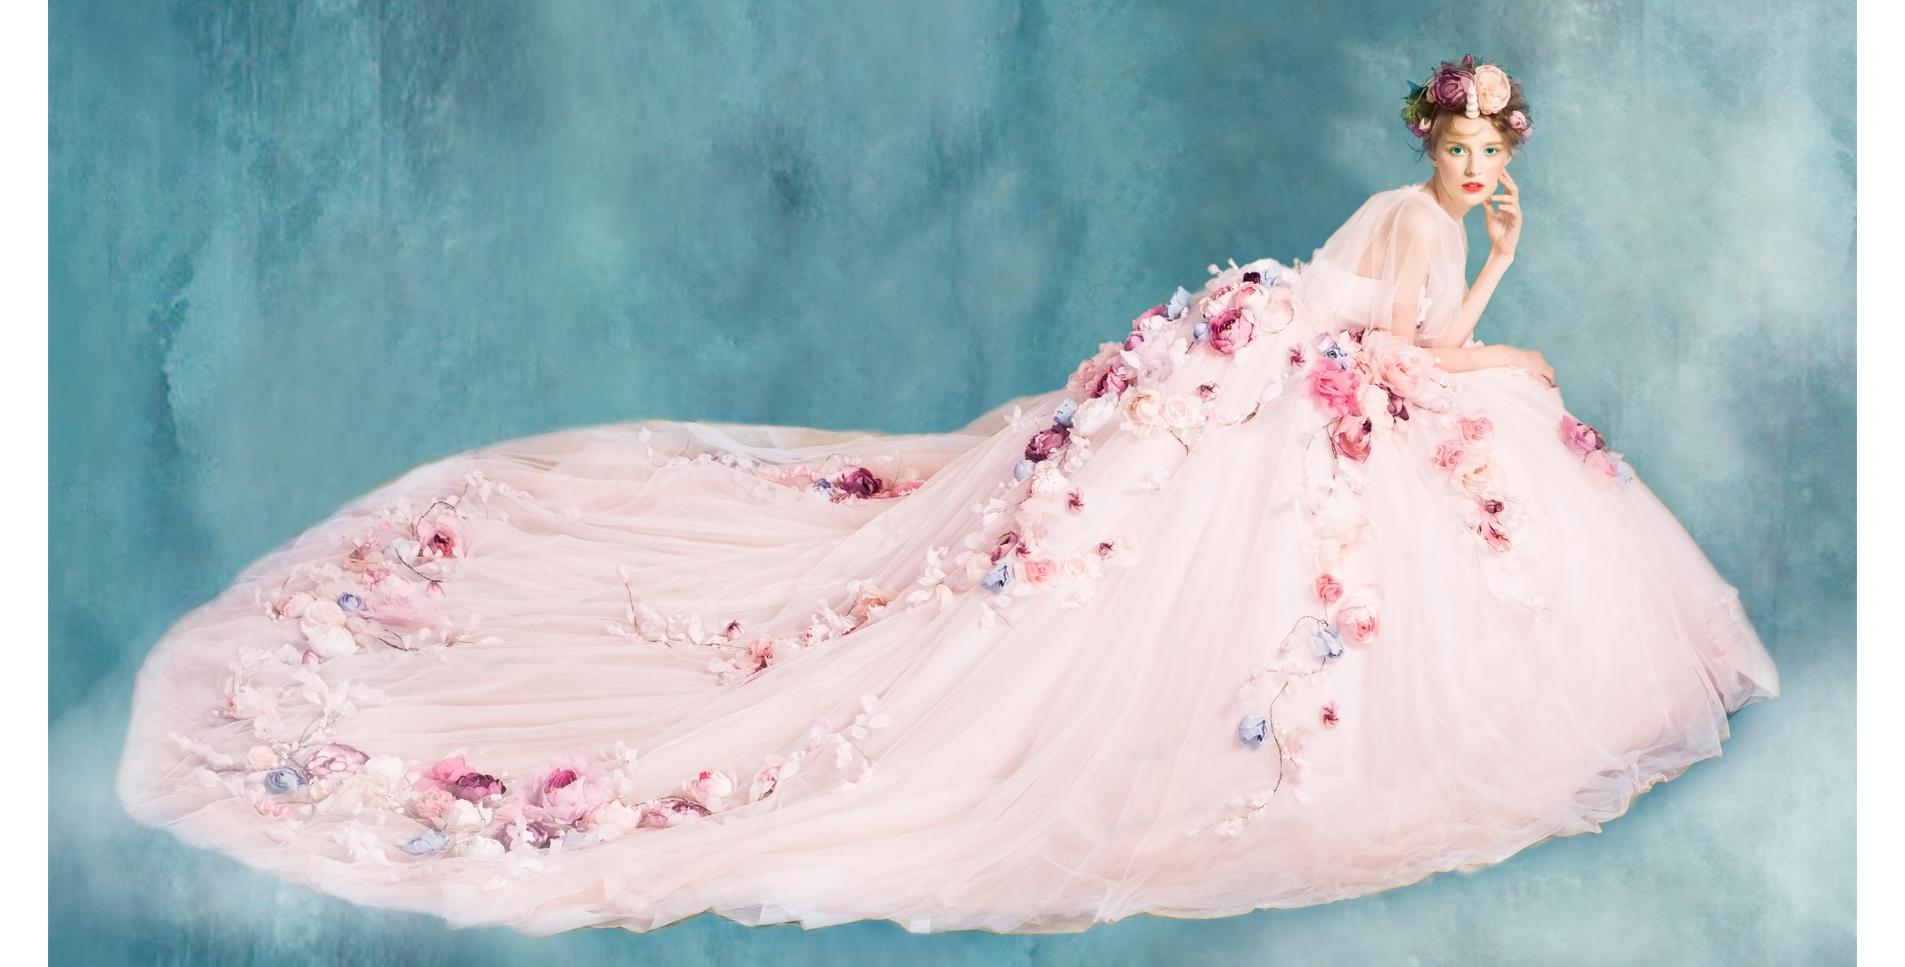 婚纱软文推广有哪些需要注意事项?